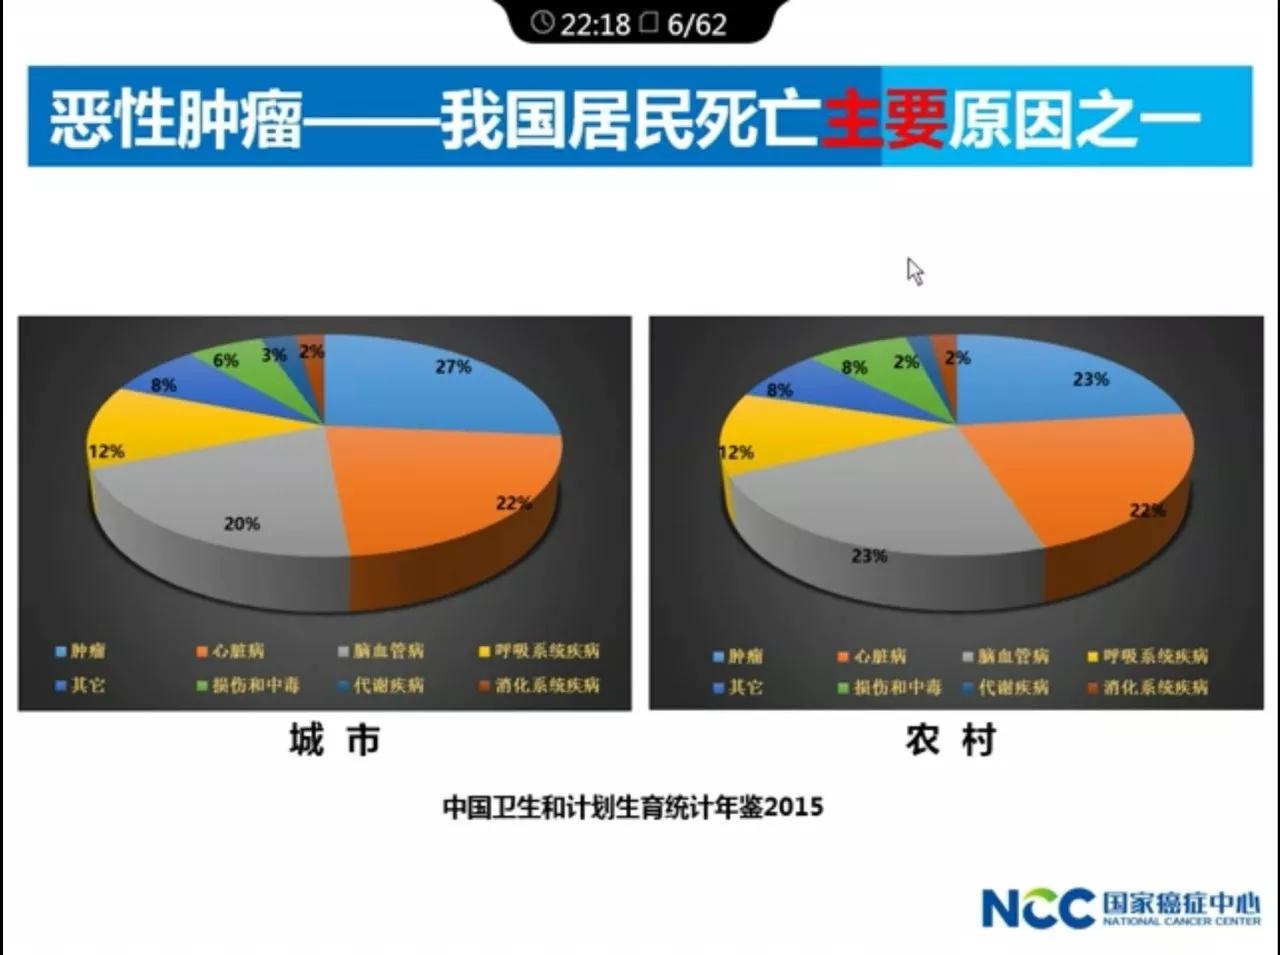 中国医科院肿瘤医院院长解读:2017年中国肿瘤的现况和趋势.webp (1).jpg